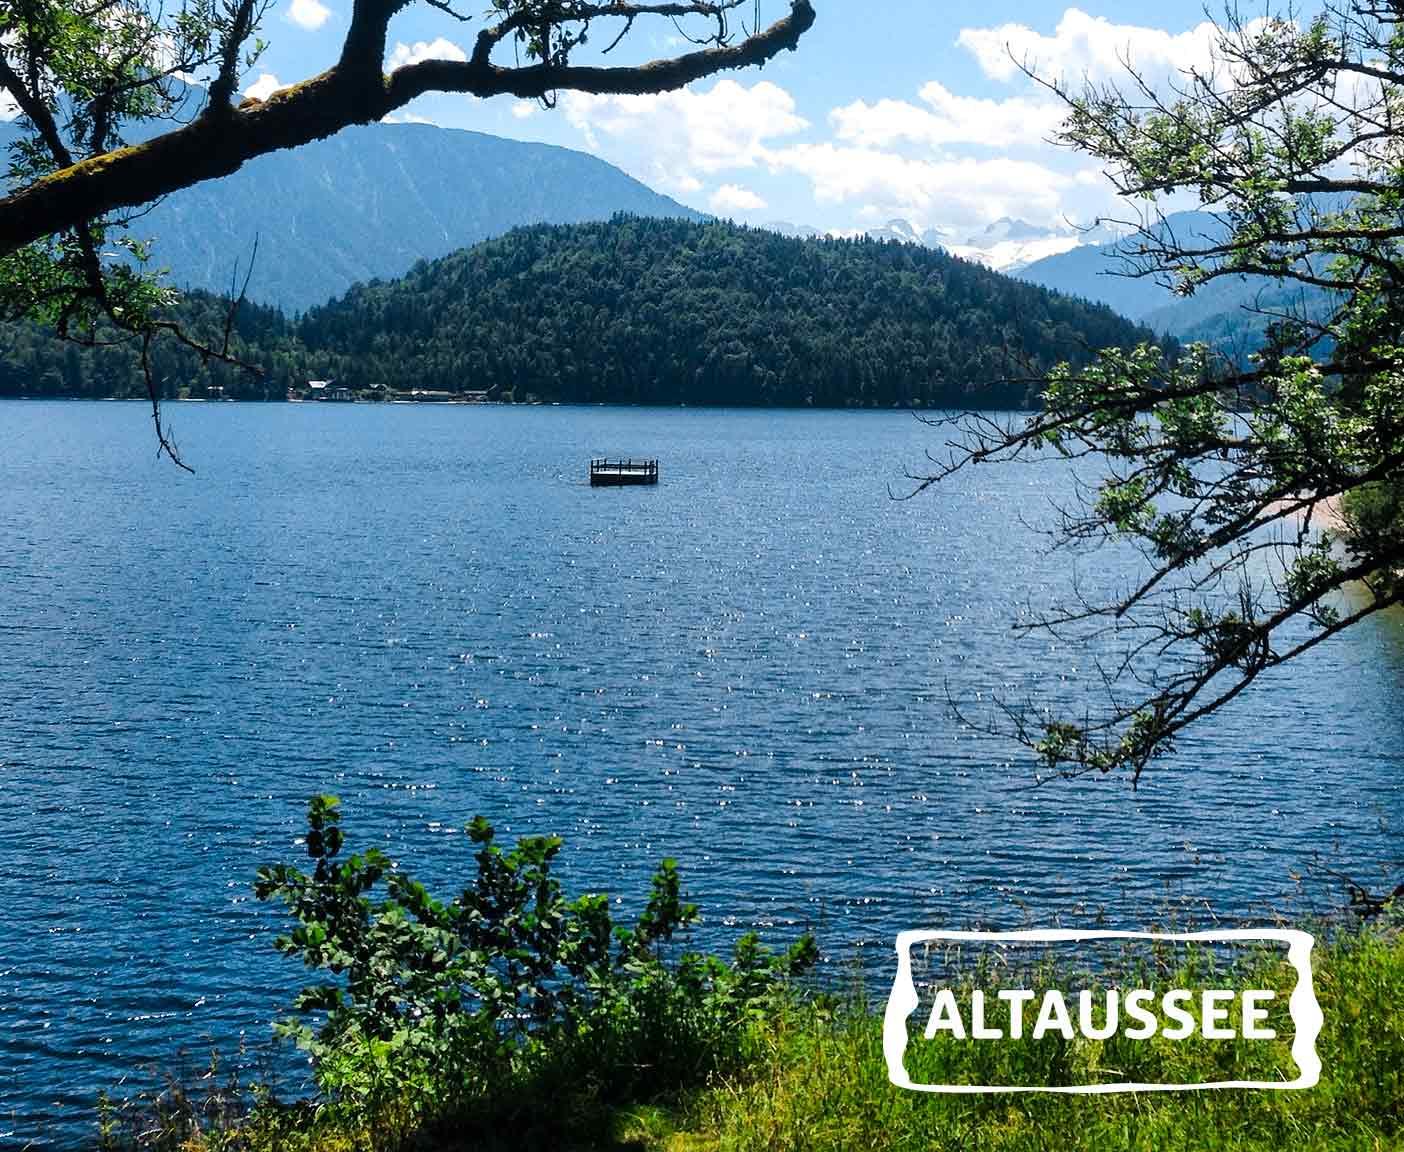 kleines Boot schwimmt in der Mitte vom Altaussee, blaues Wasser, umgeben von Bäumen und Wiese, PaulCamper an den Seen in Österreich